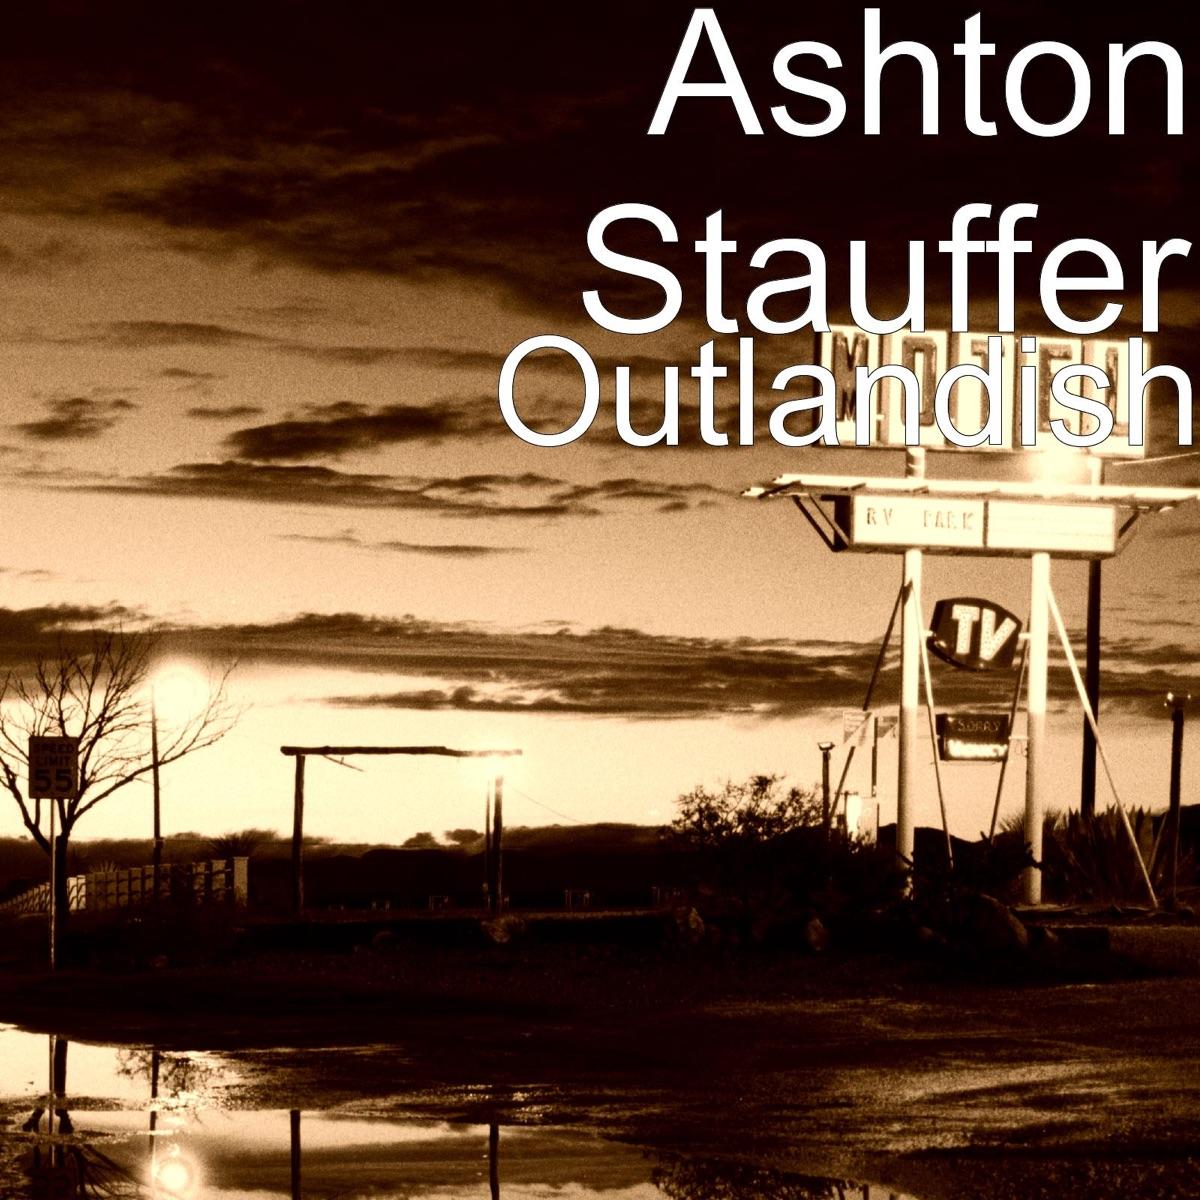 Outlandish - EP Ashton Stauffer CD cover